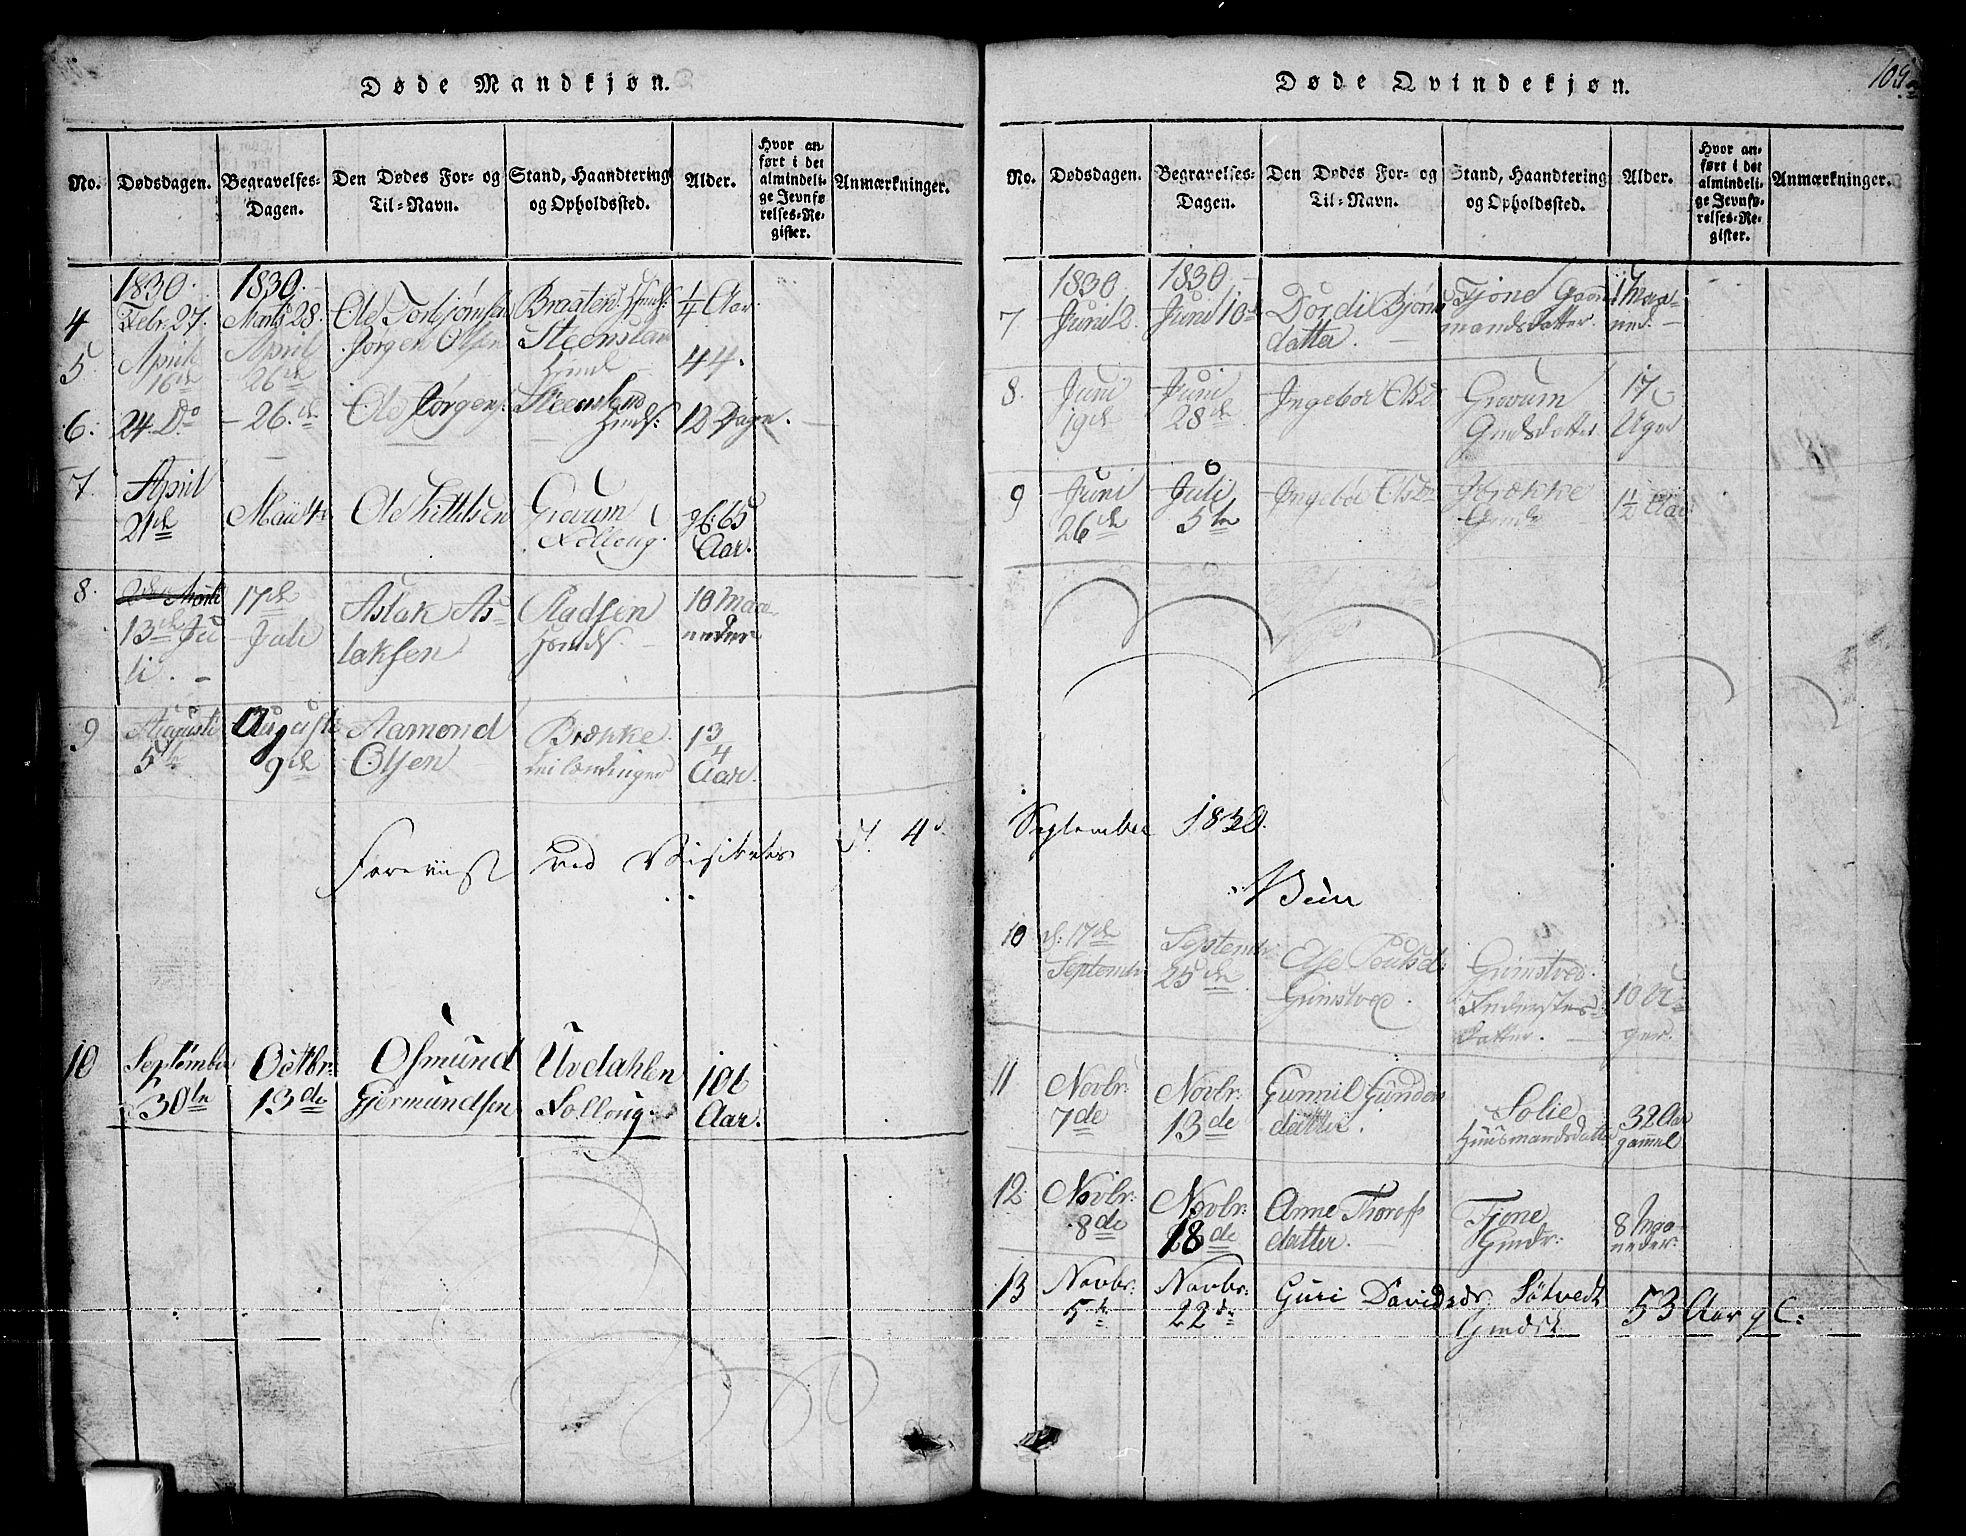 SAKO, Nissedal kirkebøker, G/Ga/L0001: Klokkerbok nr. I 1, 1814-1860, s. 105